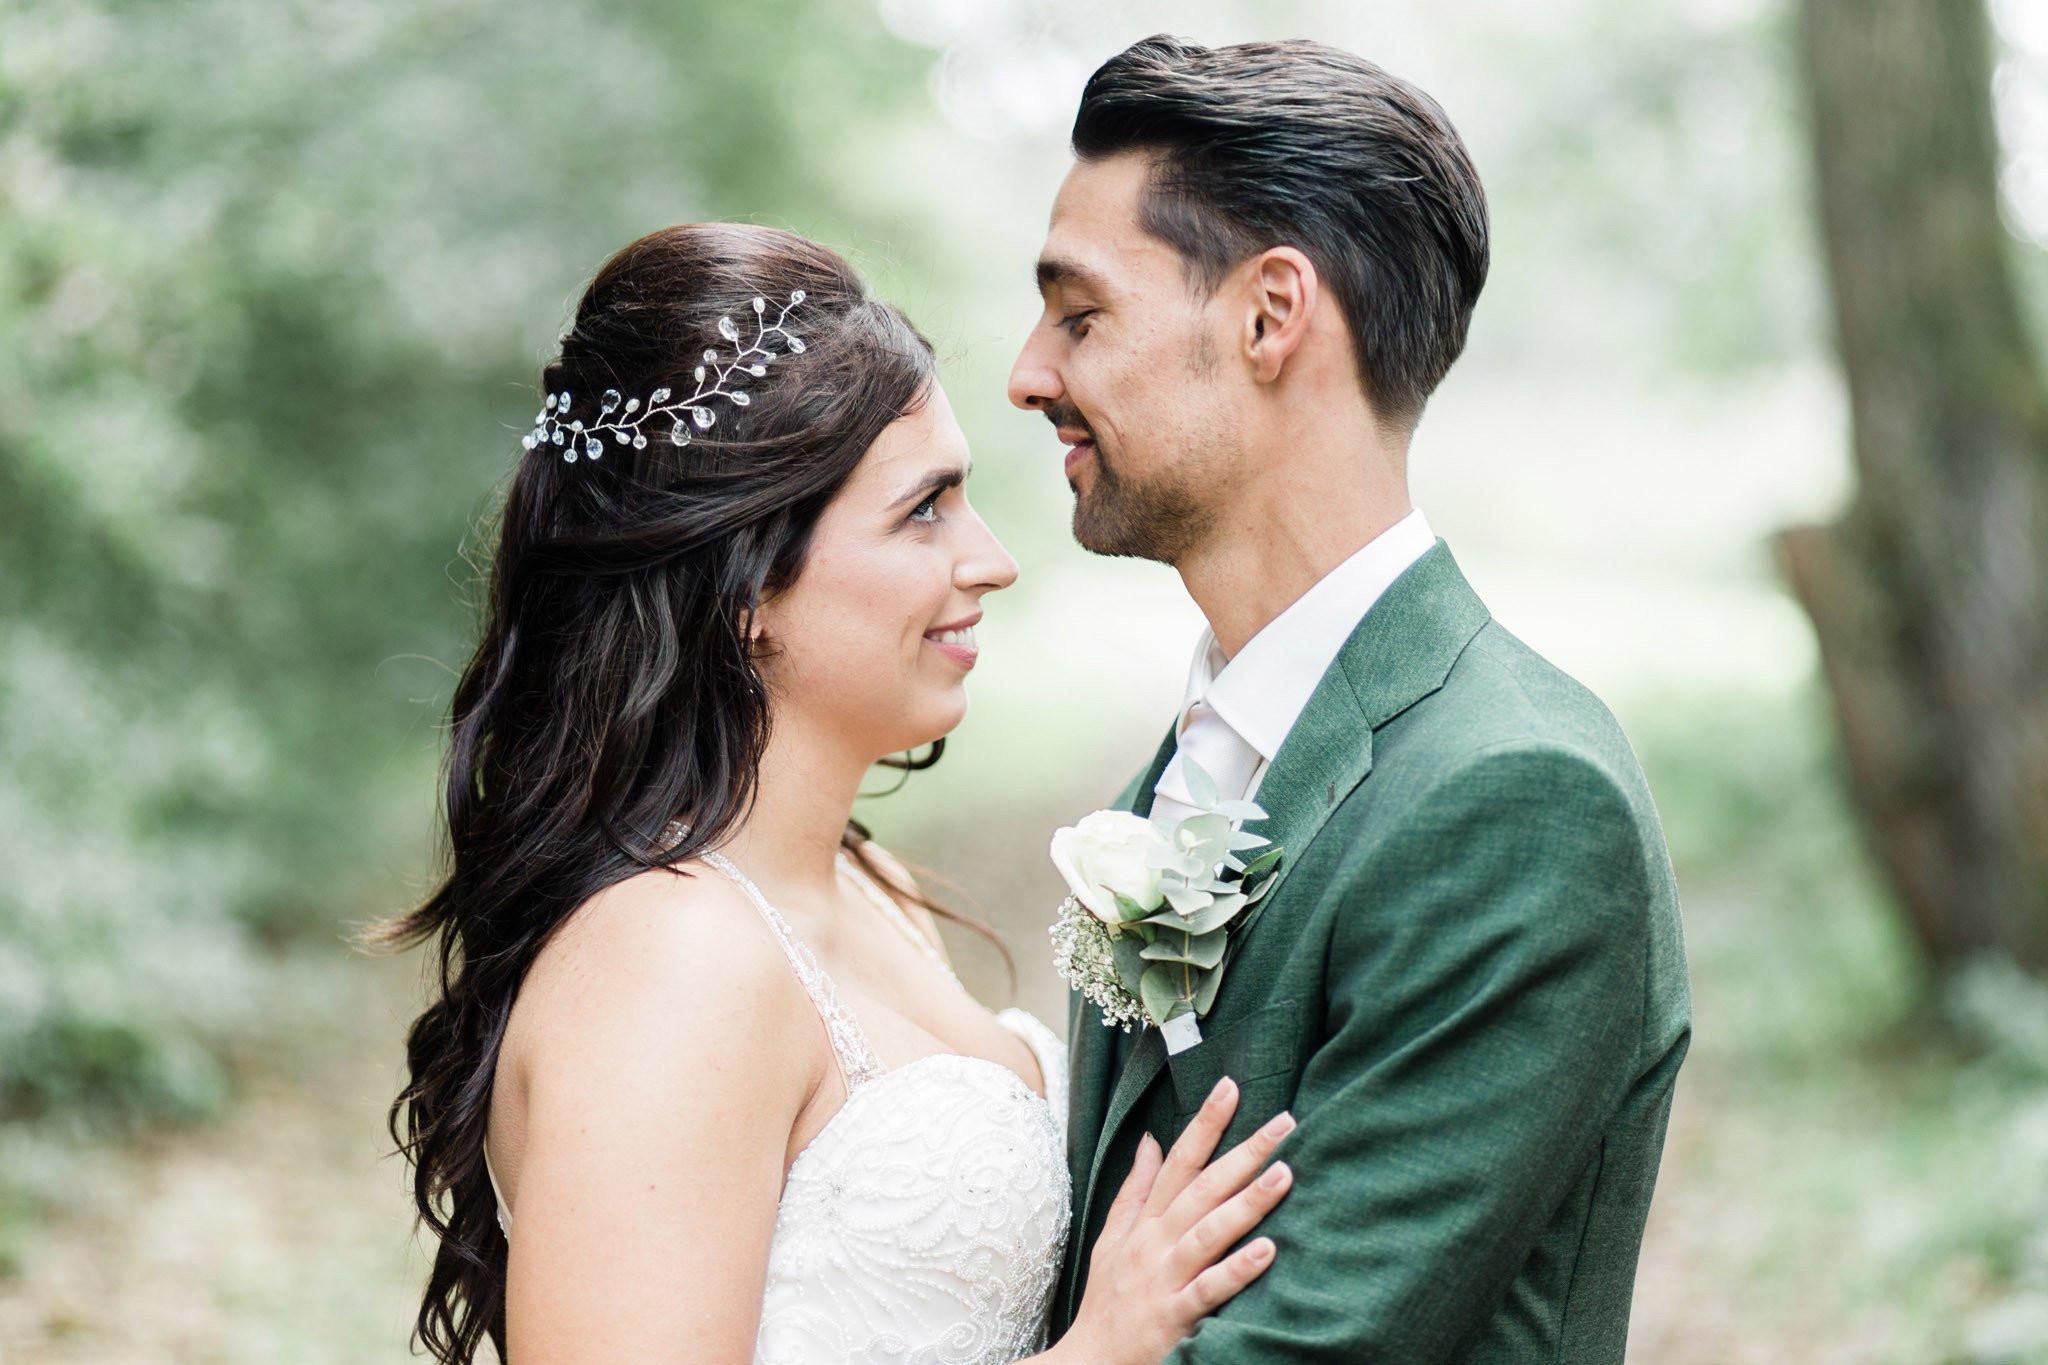 Jasje Over Jurk Bruiloft.De Etiquette Van Het Trouwpak Theperfectwedding Nl